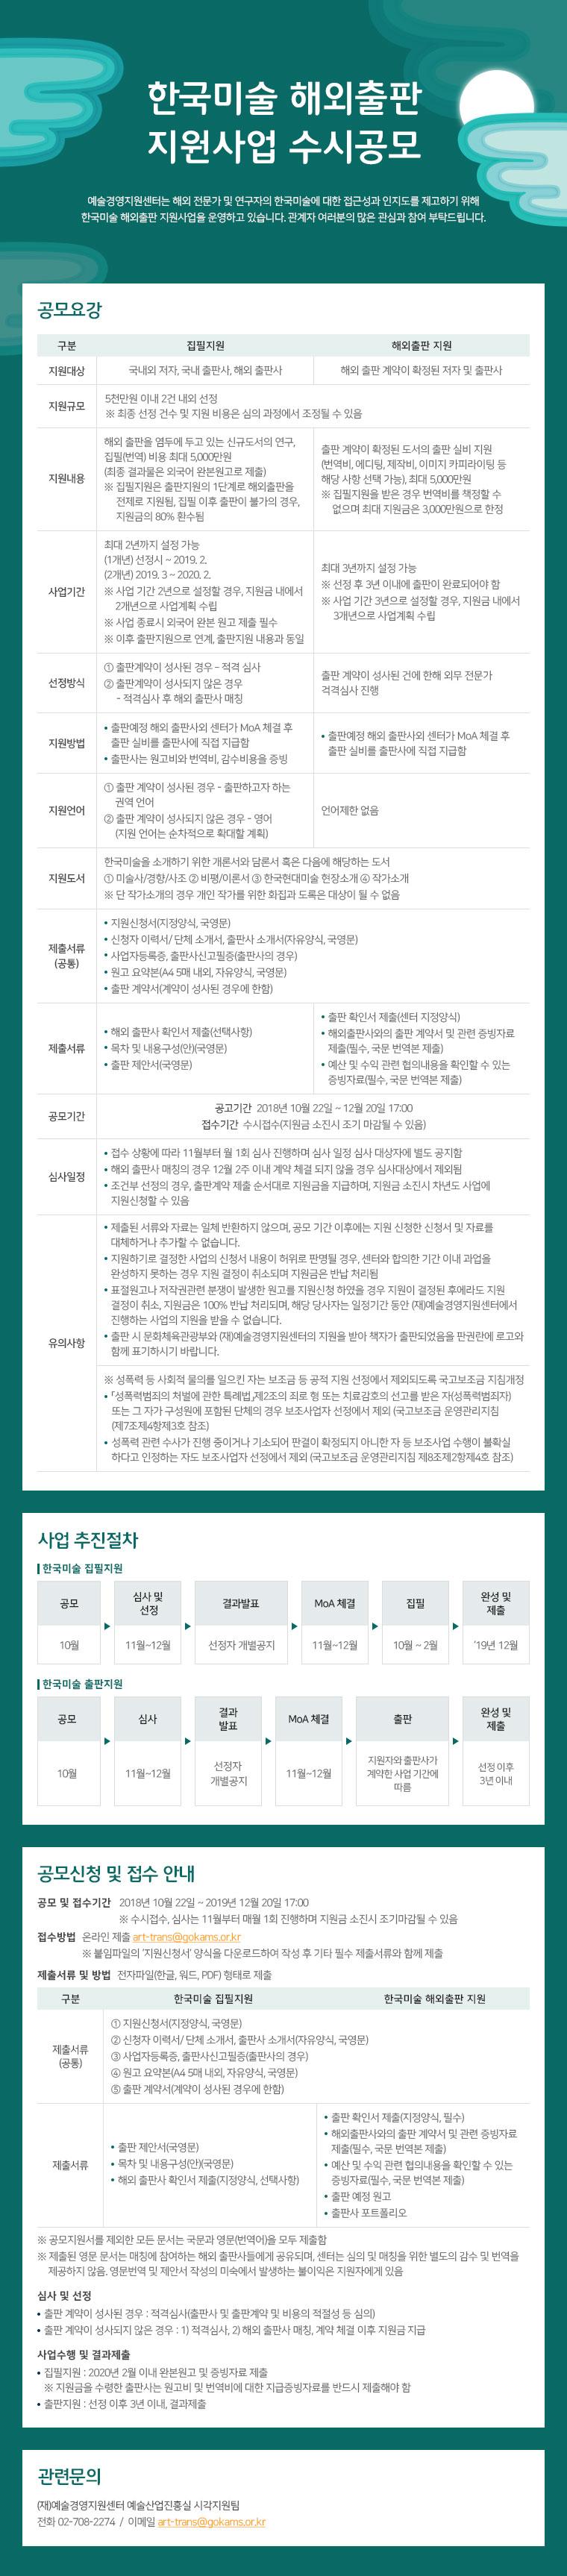 한국미술 해외출판 지원사업 수시공모이미지1